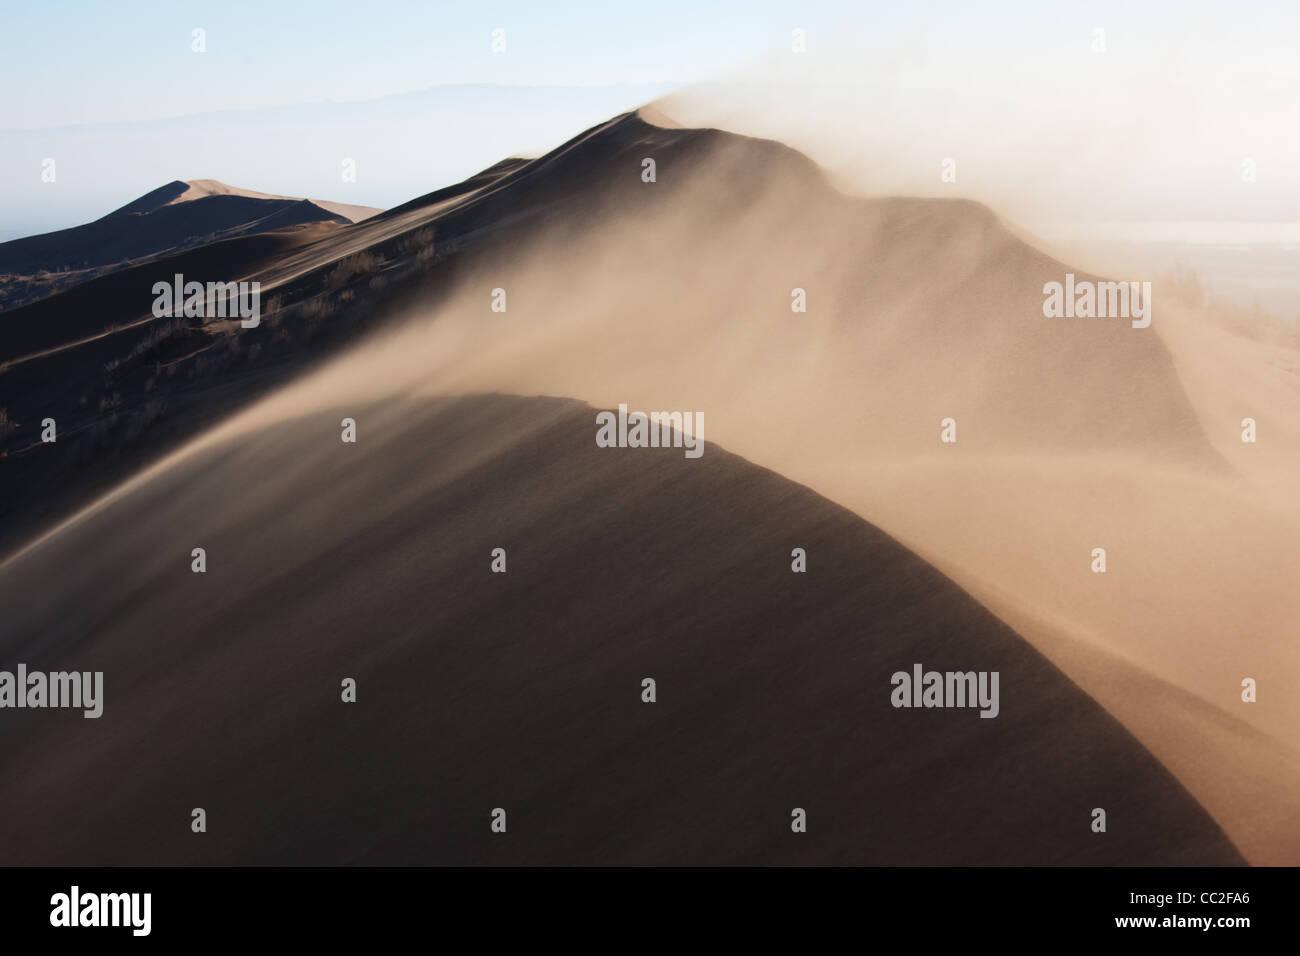 Sand storm in desert national park Altyn-Emel, Kazakhstan - Stock Image